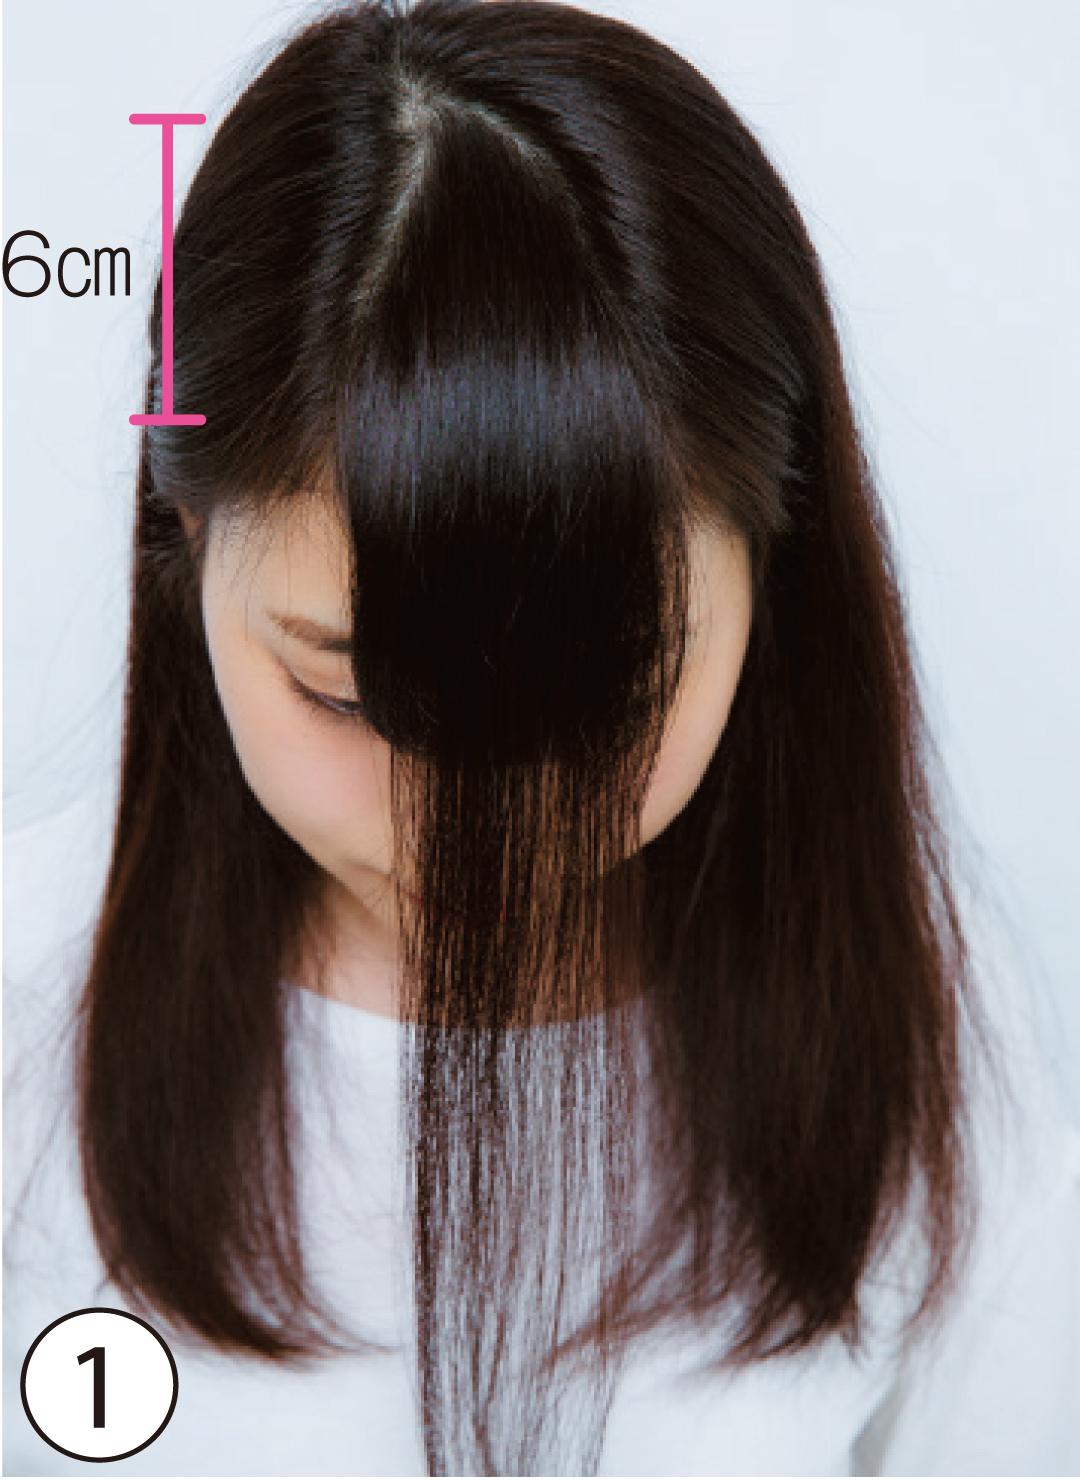 ①カットする前髪は深め×やや狭め 基本のカット①では、おでこの狭さをカバーするため、前髪の生え際から6cmくらい上の位置を頂点に設定。左右の黒目の中央の幅で前髪を作る。